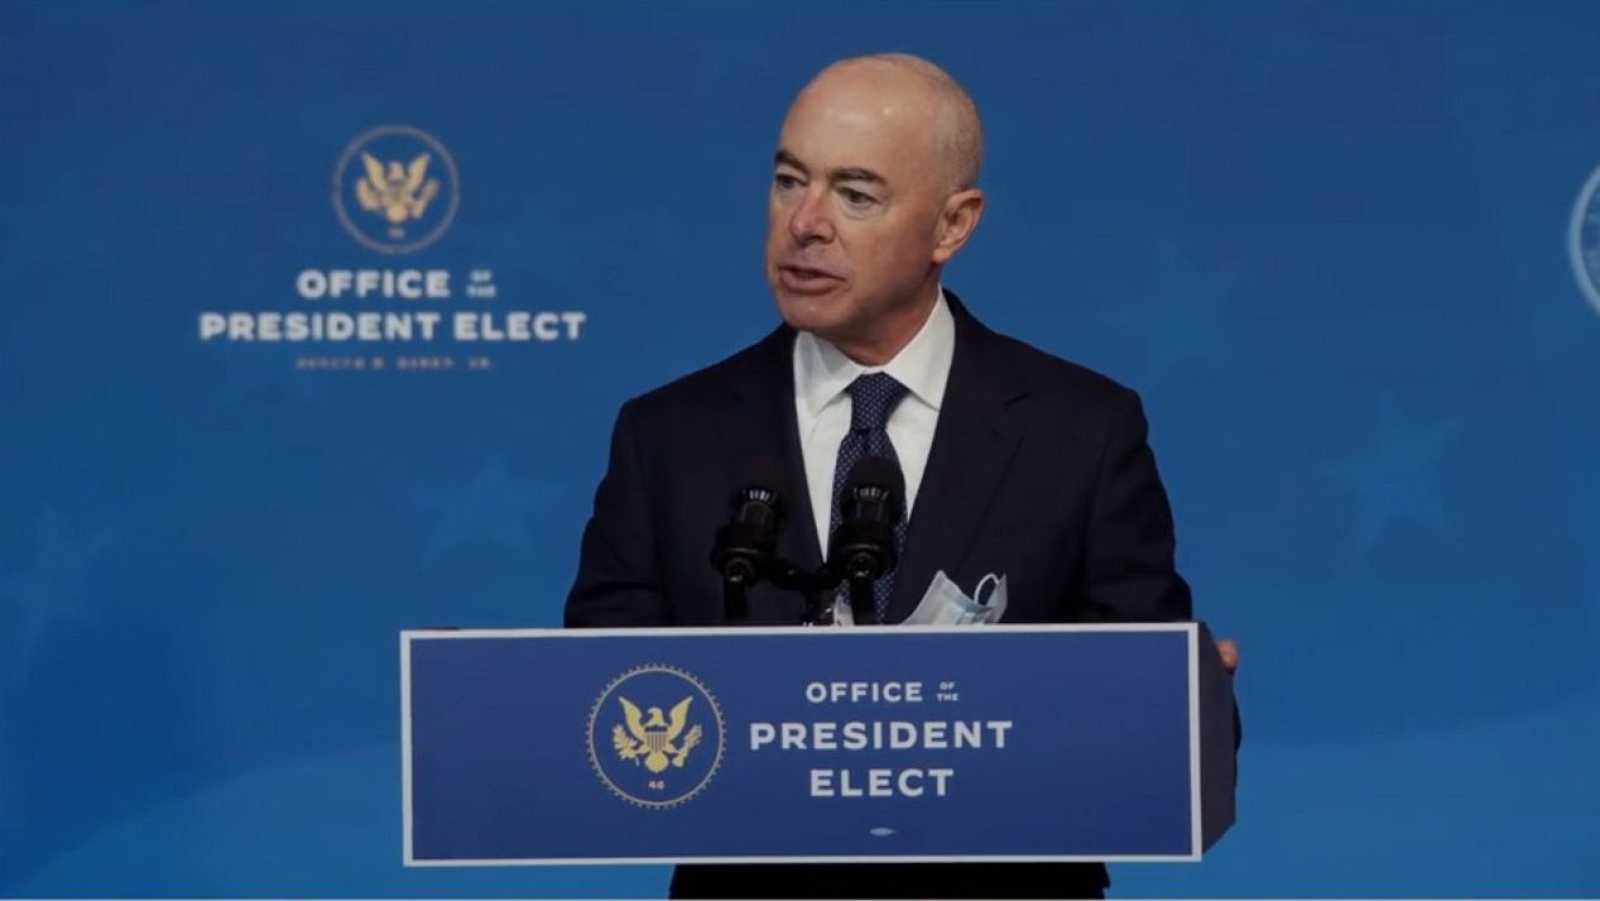 Hora Amércia - El gabinete de Joe Biden, un equipo diverso con cuatro latinos en puestos principales - 20/01/21 - escuchar ahora